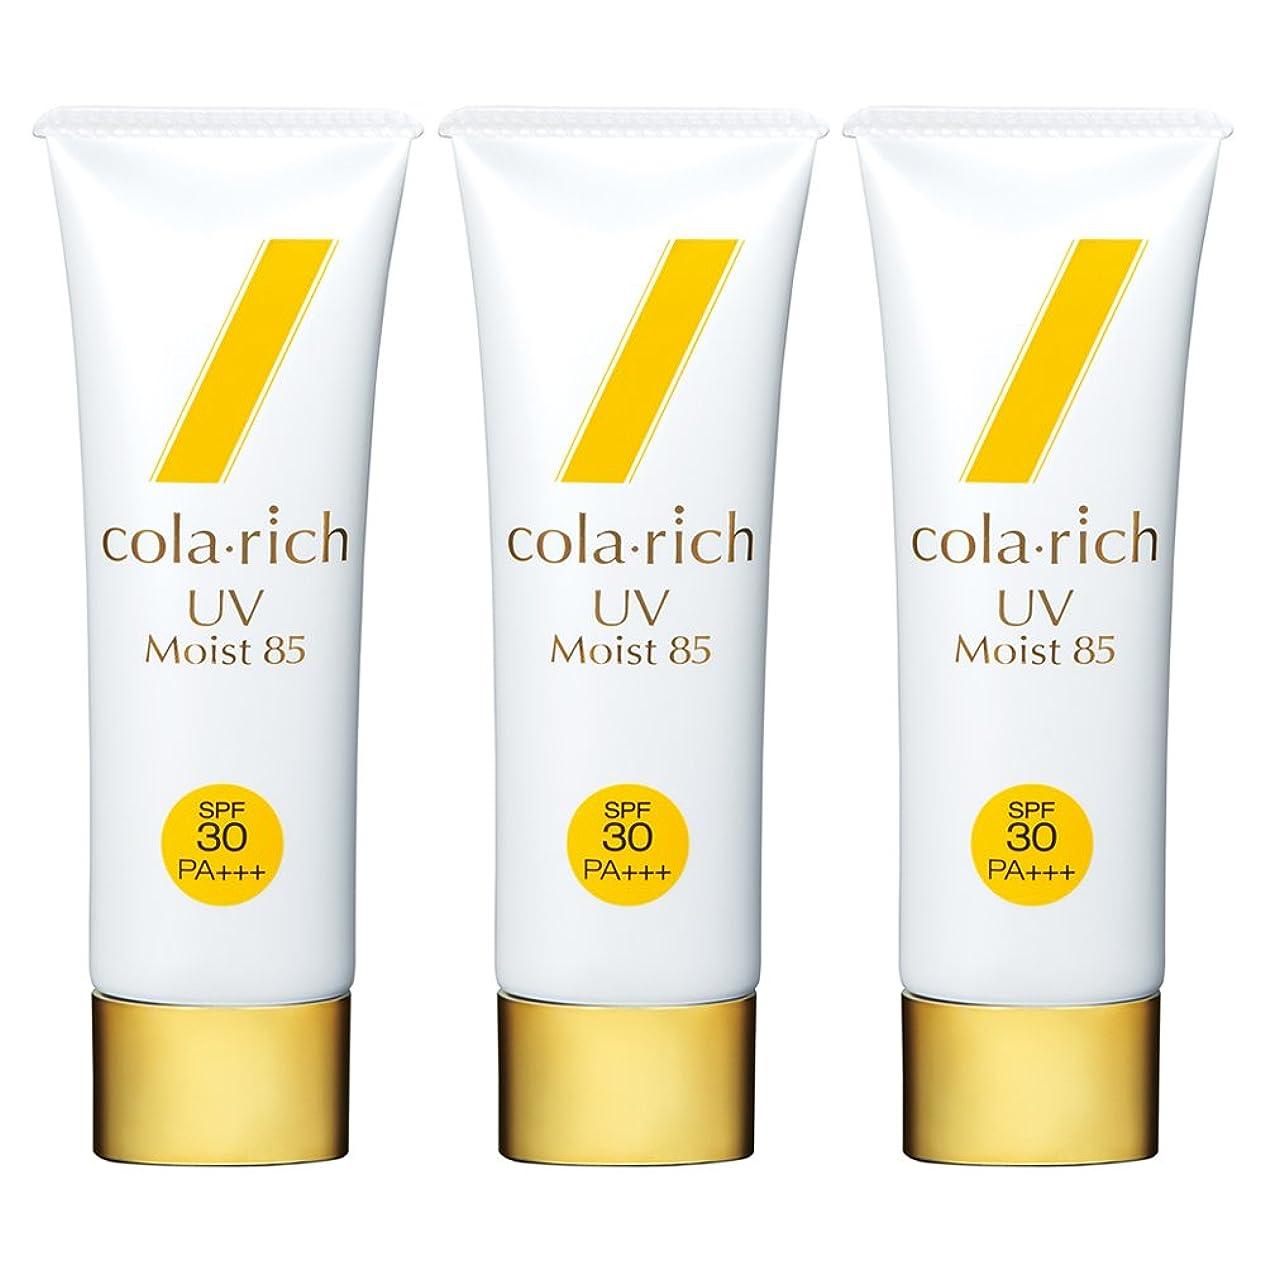 事業内容典型的な限られたコラリッチ UVモイスト85 3本まとめ買い/キューサイ 日焼け止め